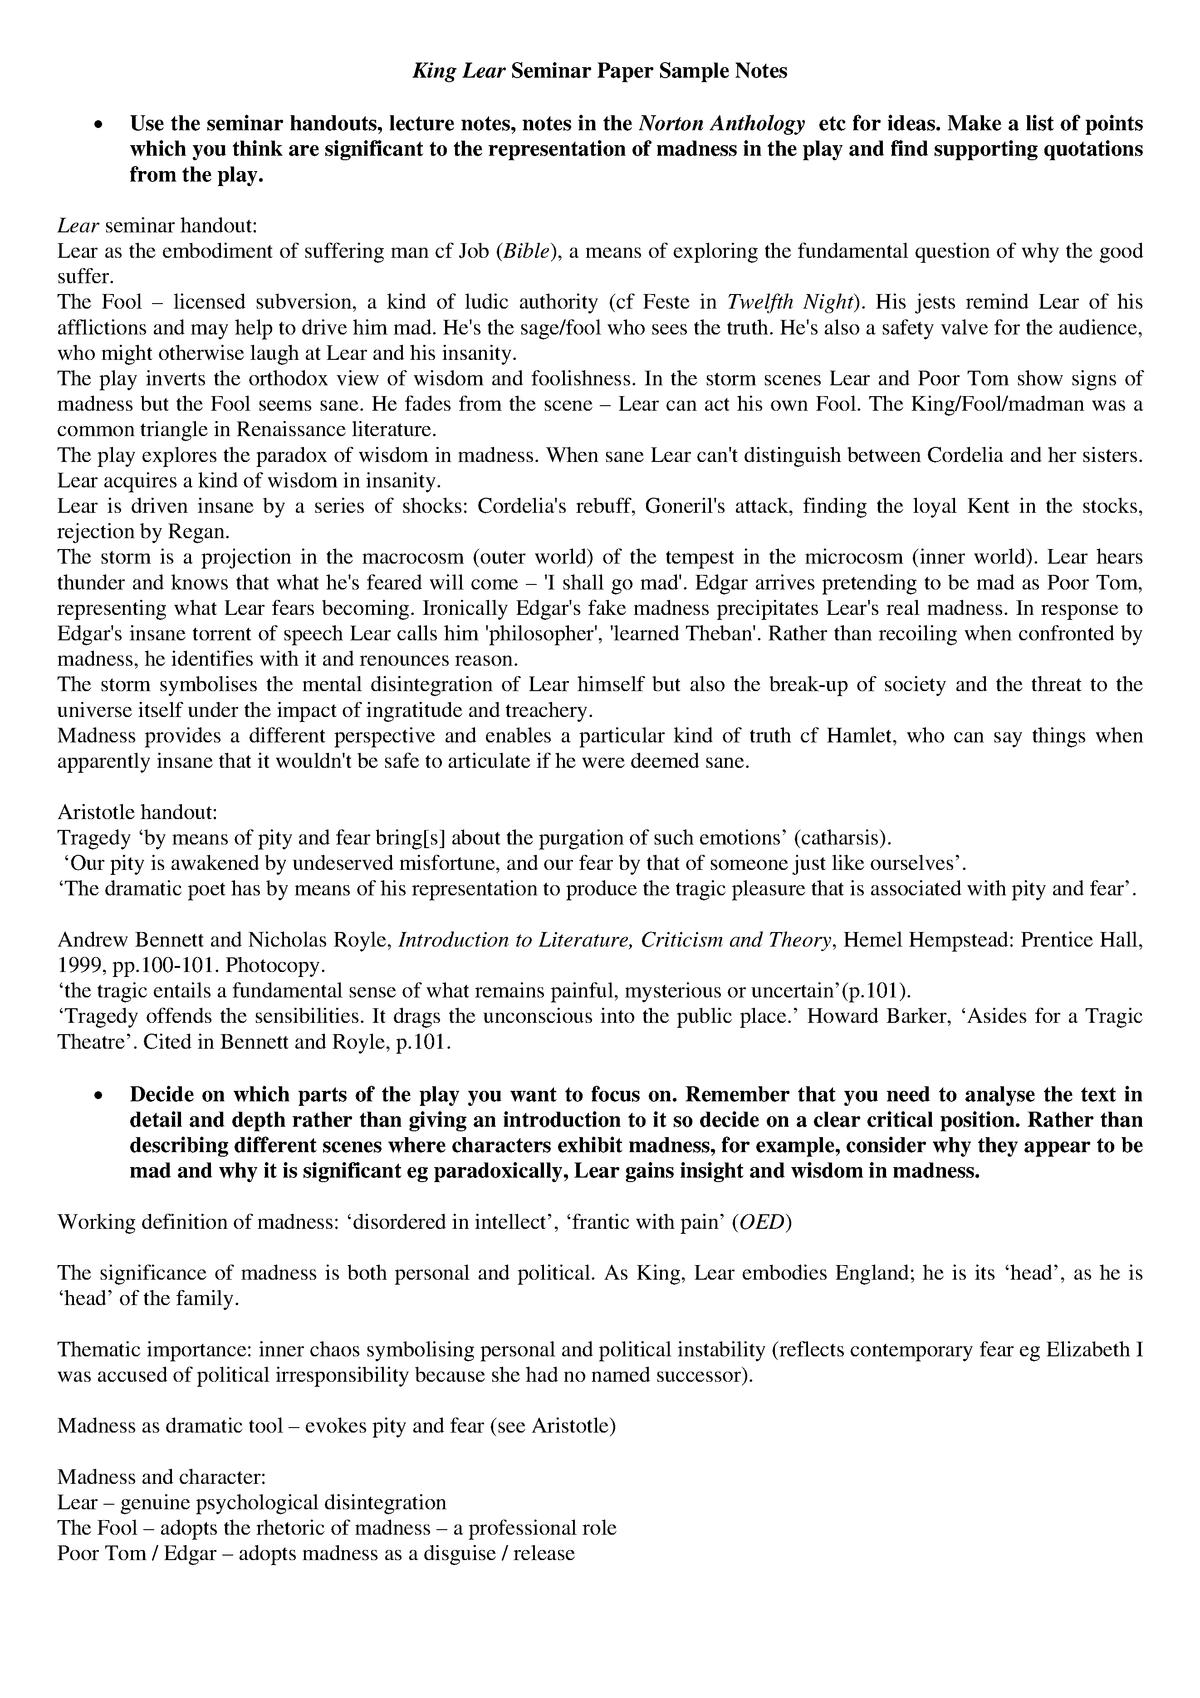 King Lear Presentation Notes Answers - Q3W8 BA/ESCW: English